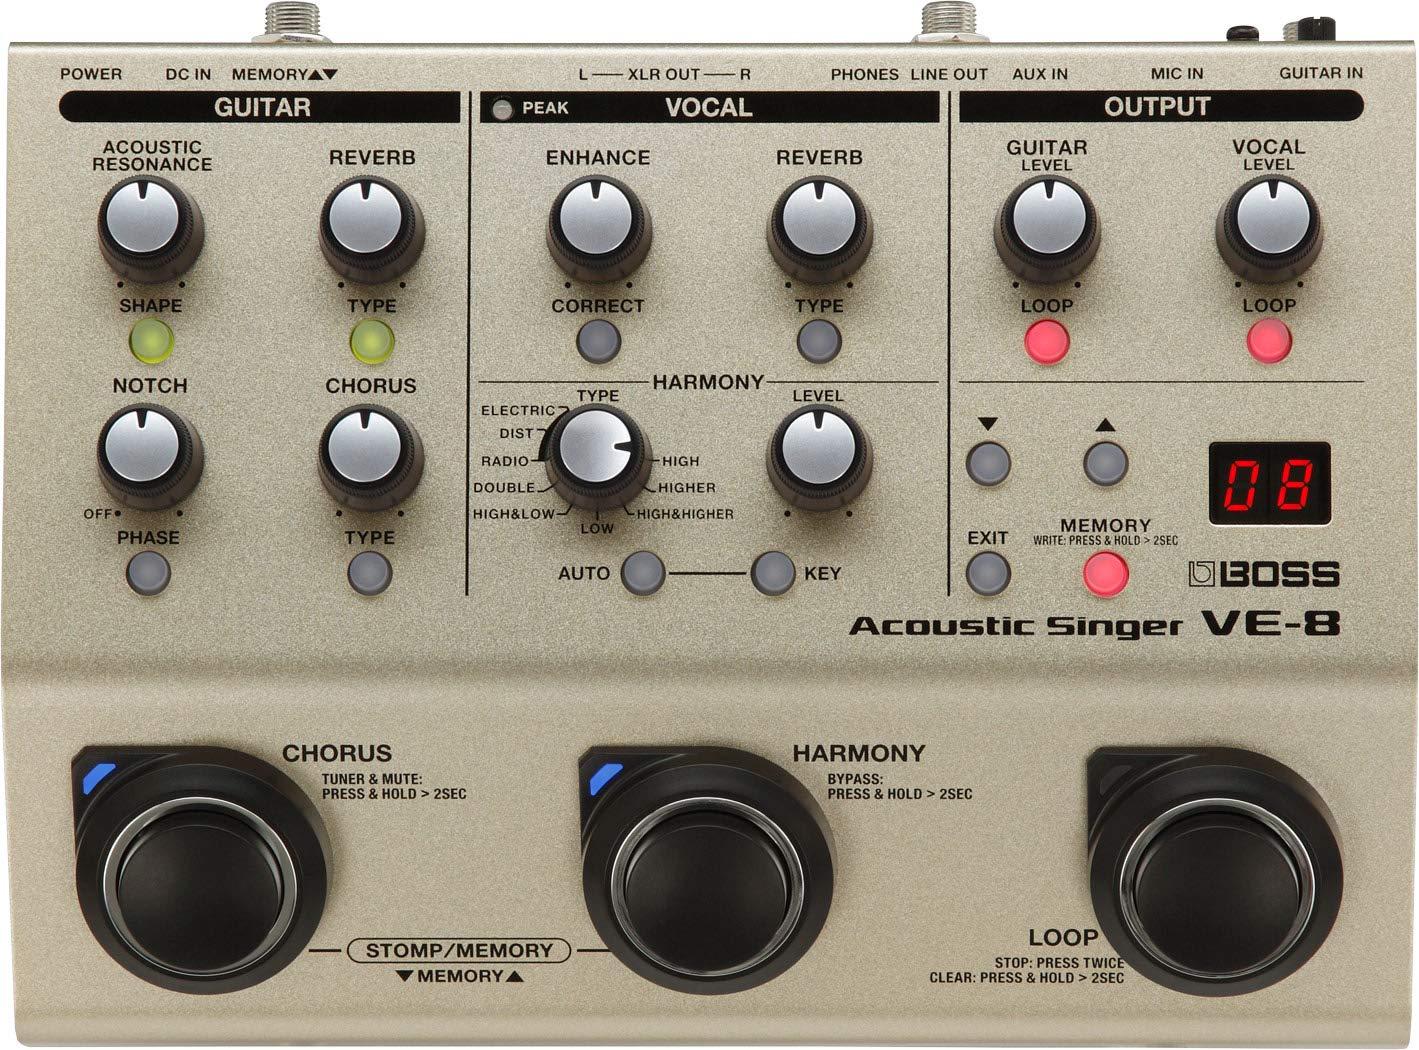 リンク:VE-8 Acoustic Singer